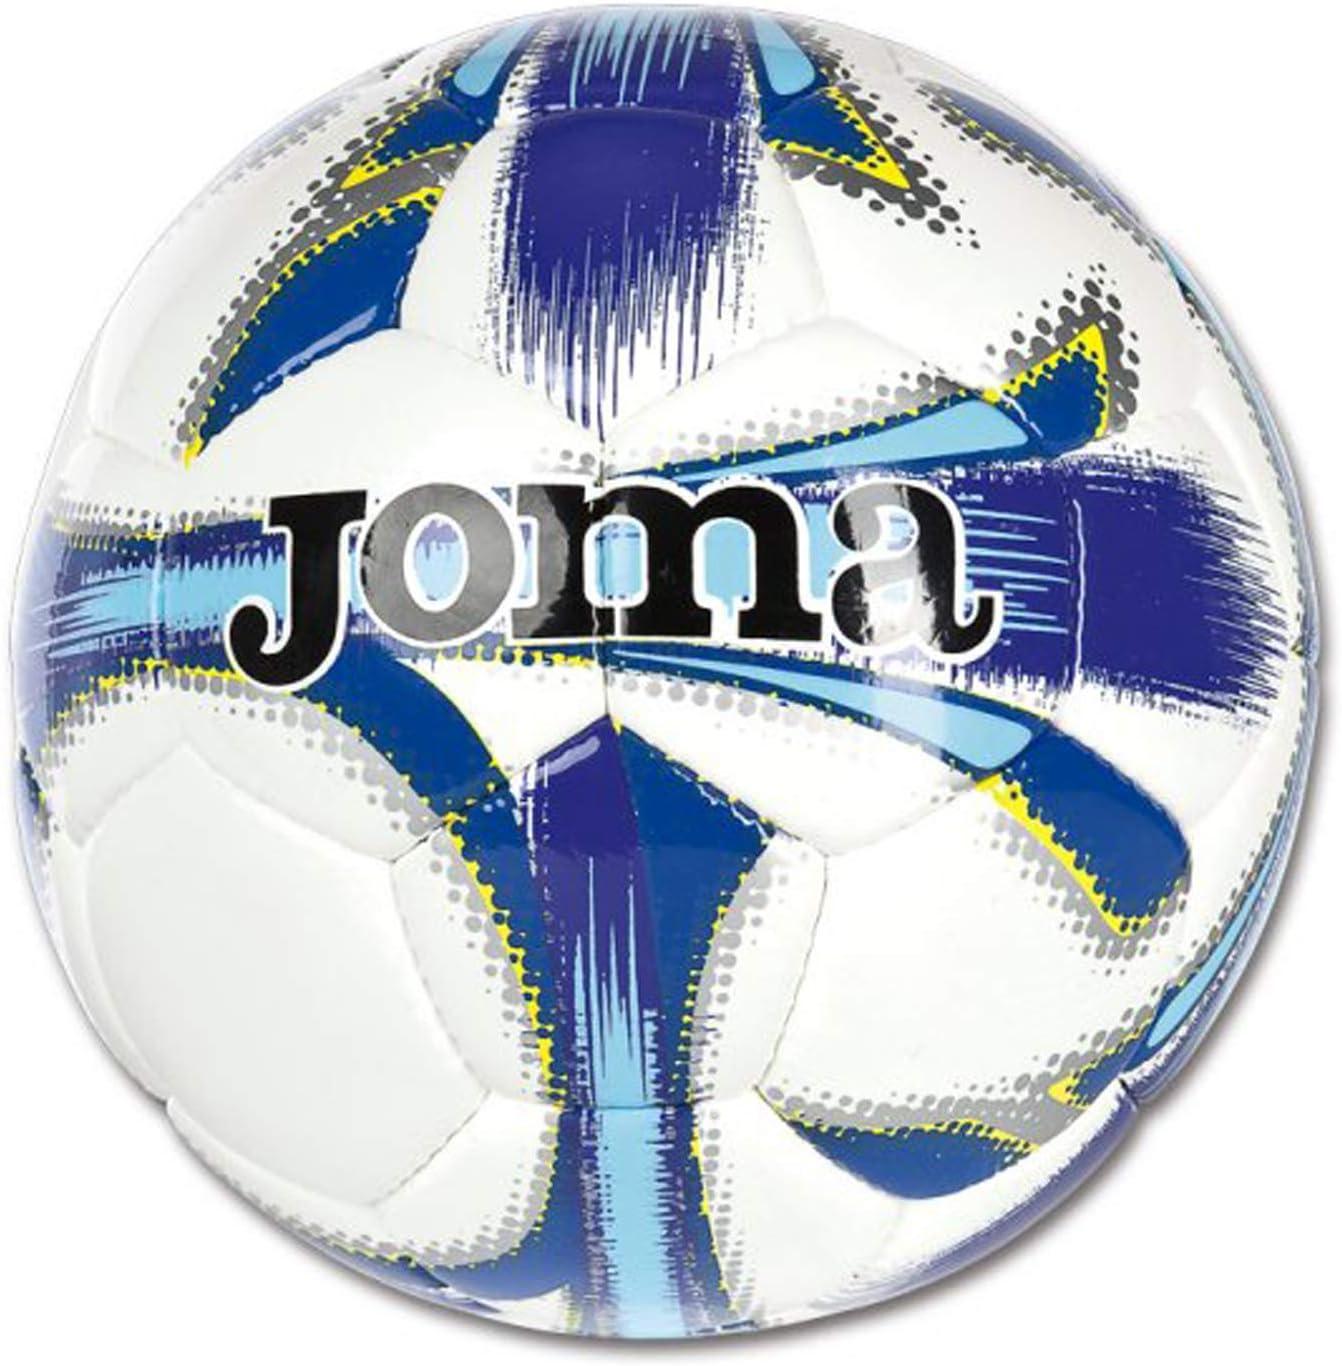 Joma Ropa de Deporte Balon Dali T3 Blanco-Marino Soccer Ball ...